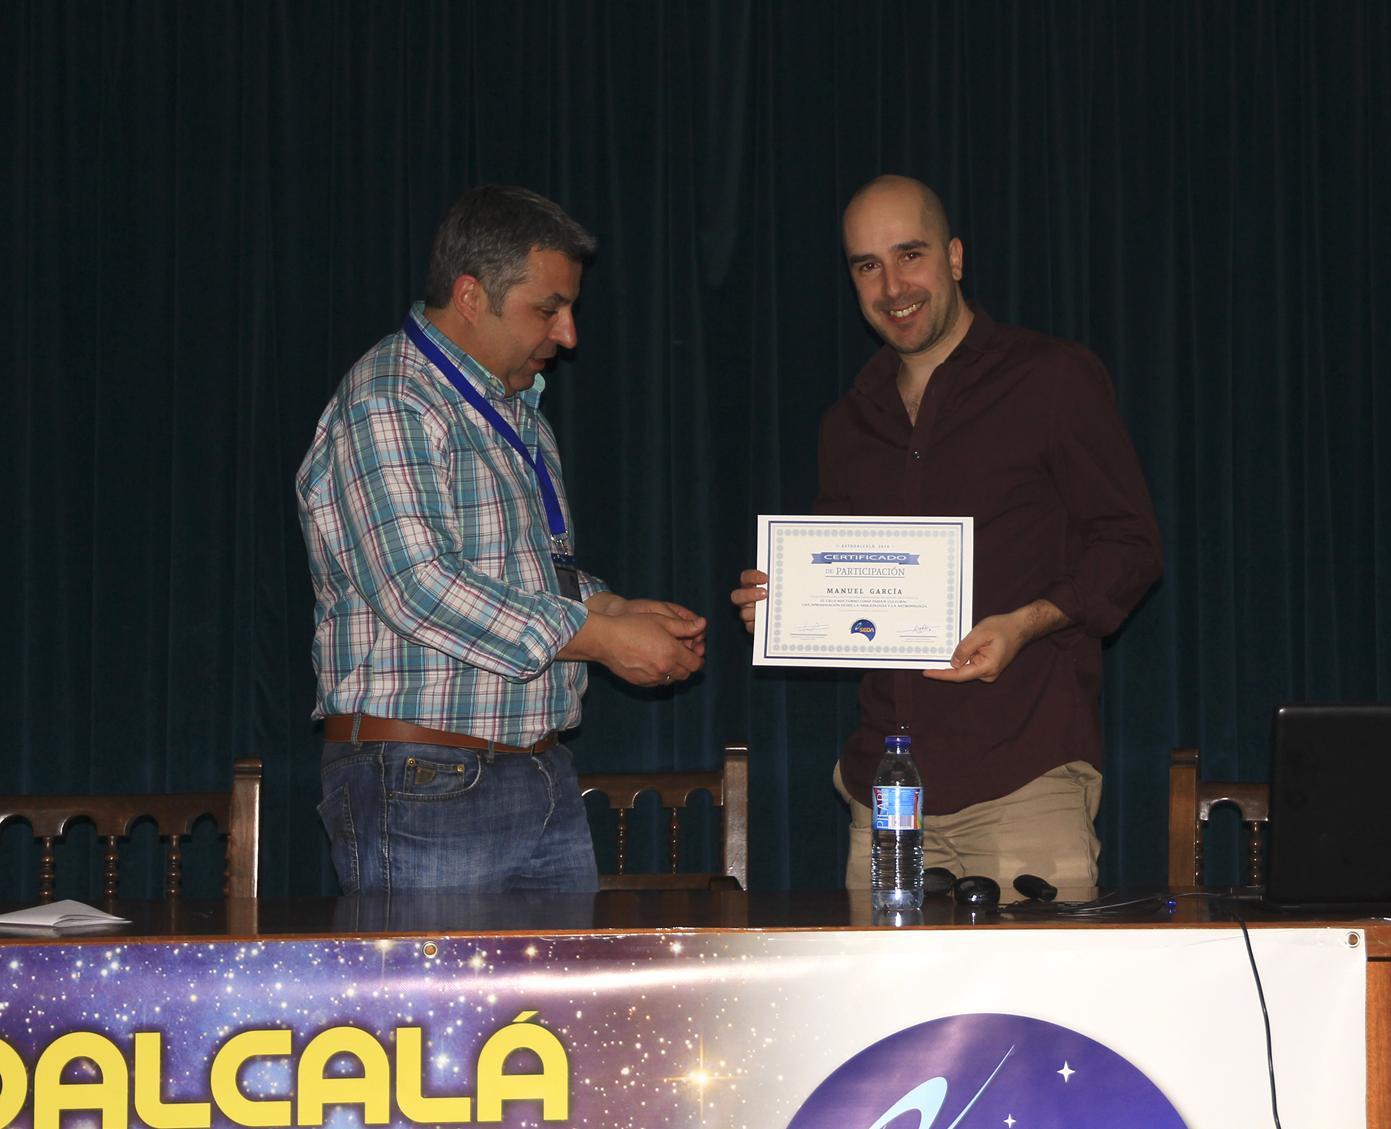 Manuel García - AstroAlcalá 2016